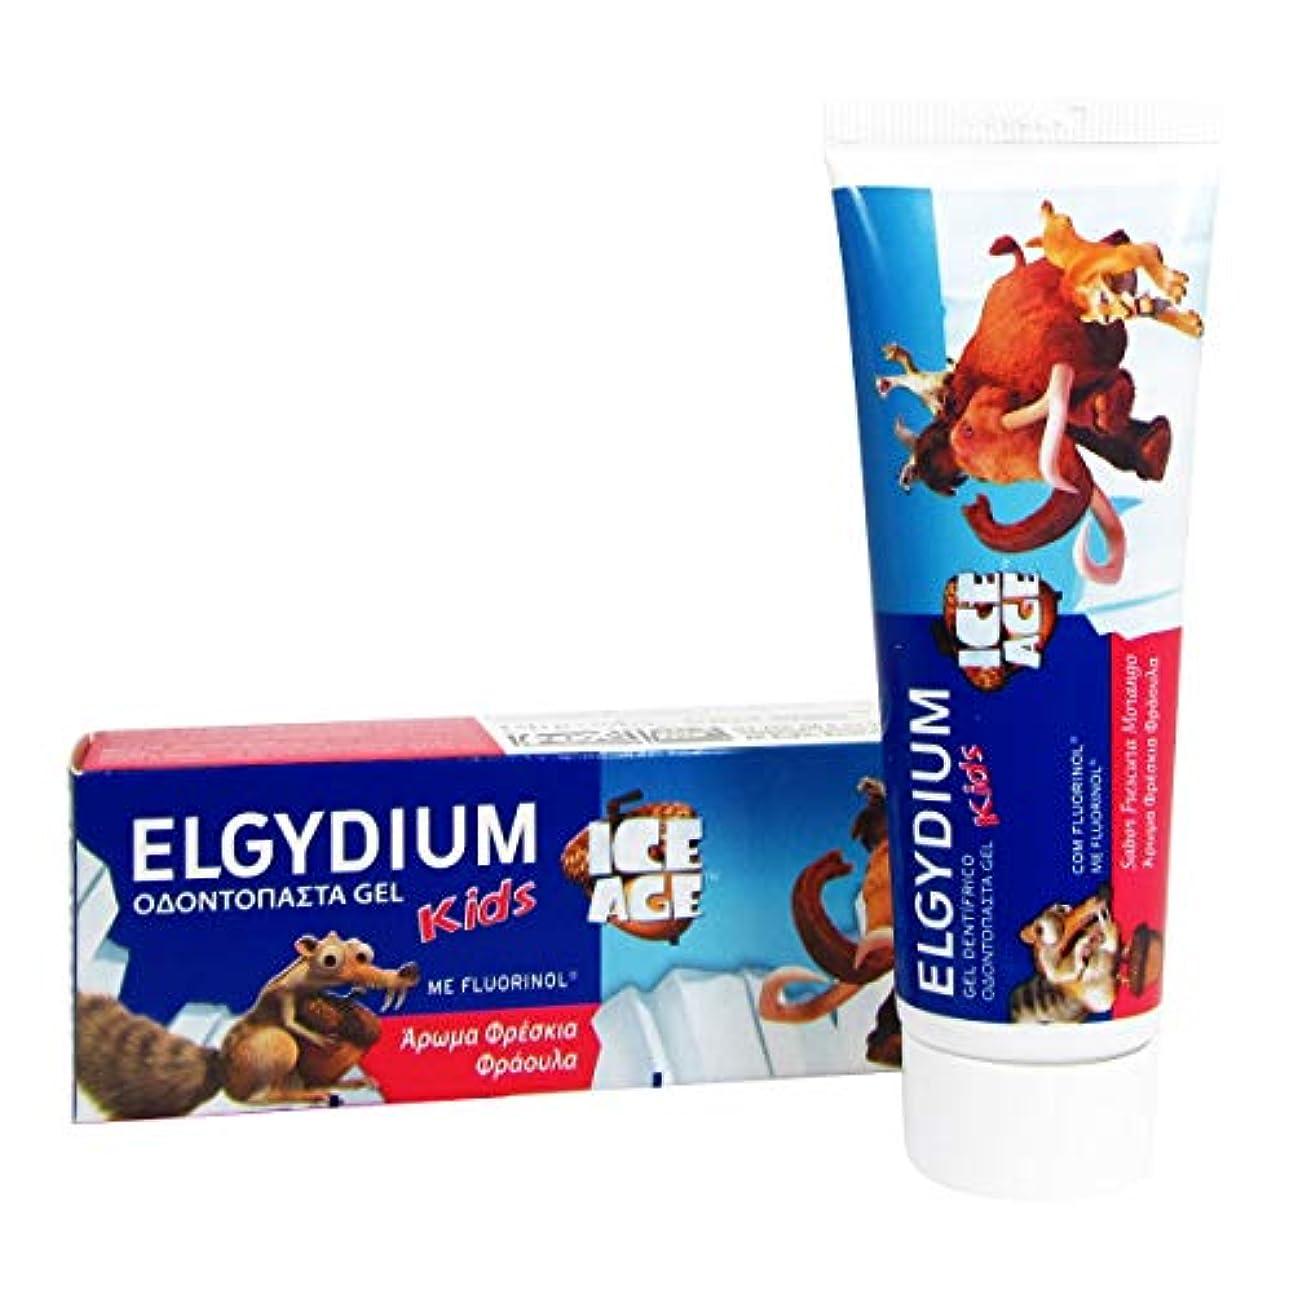 例示するビーチ頑張るElgydium Kids Ice Age Toothpaste Toothpaste Gel 50ml [並行輸入品]